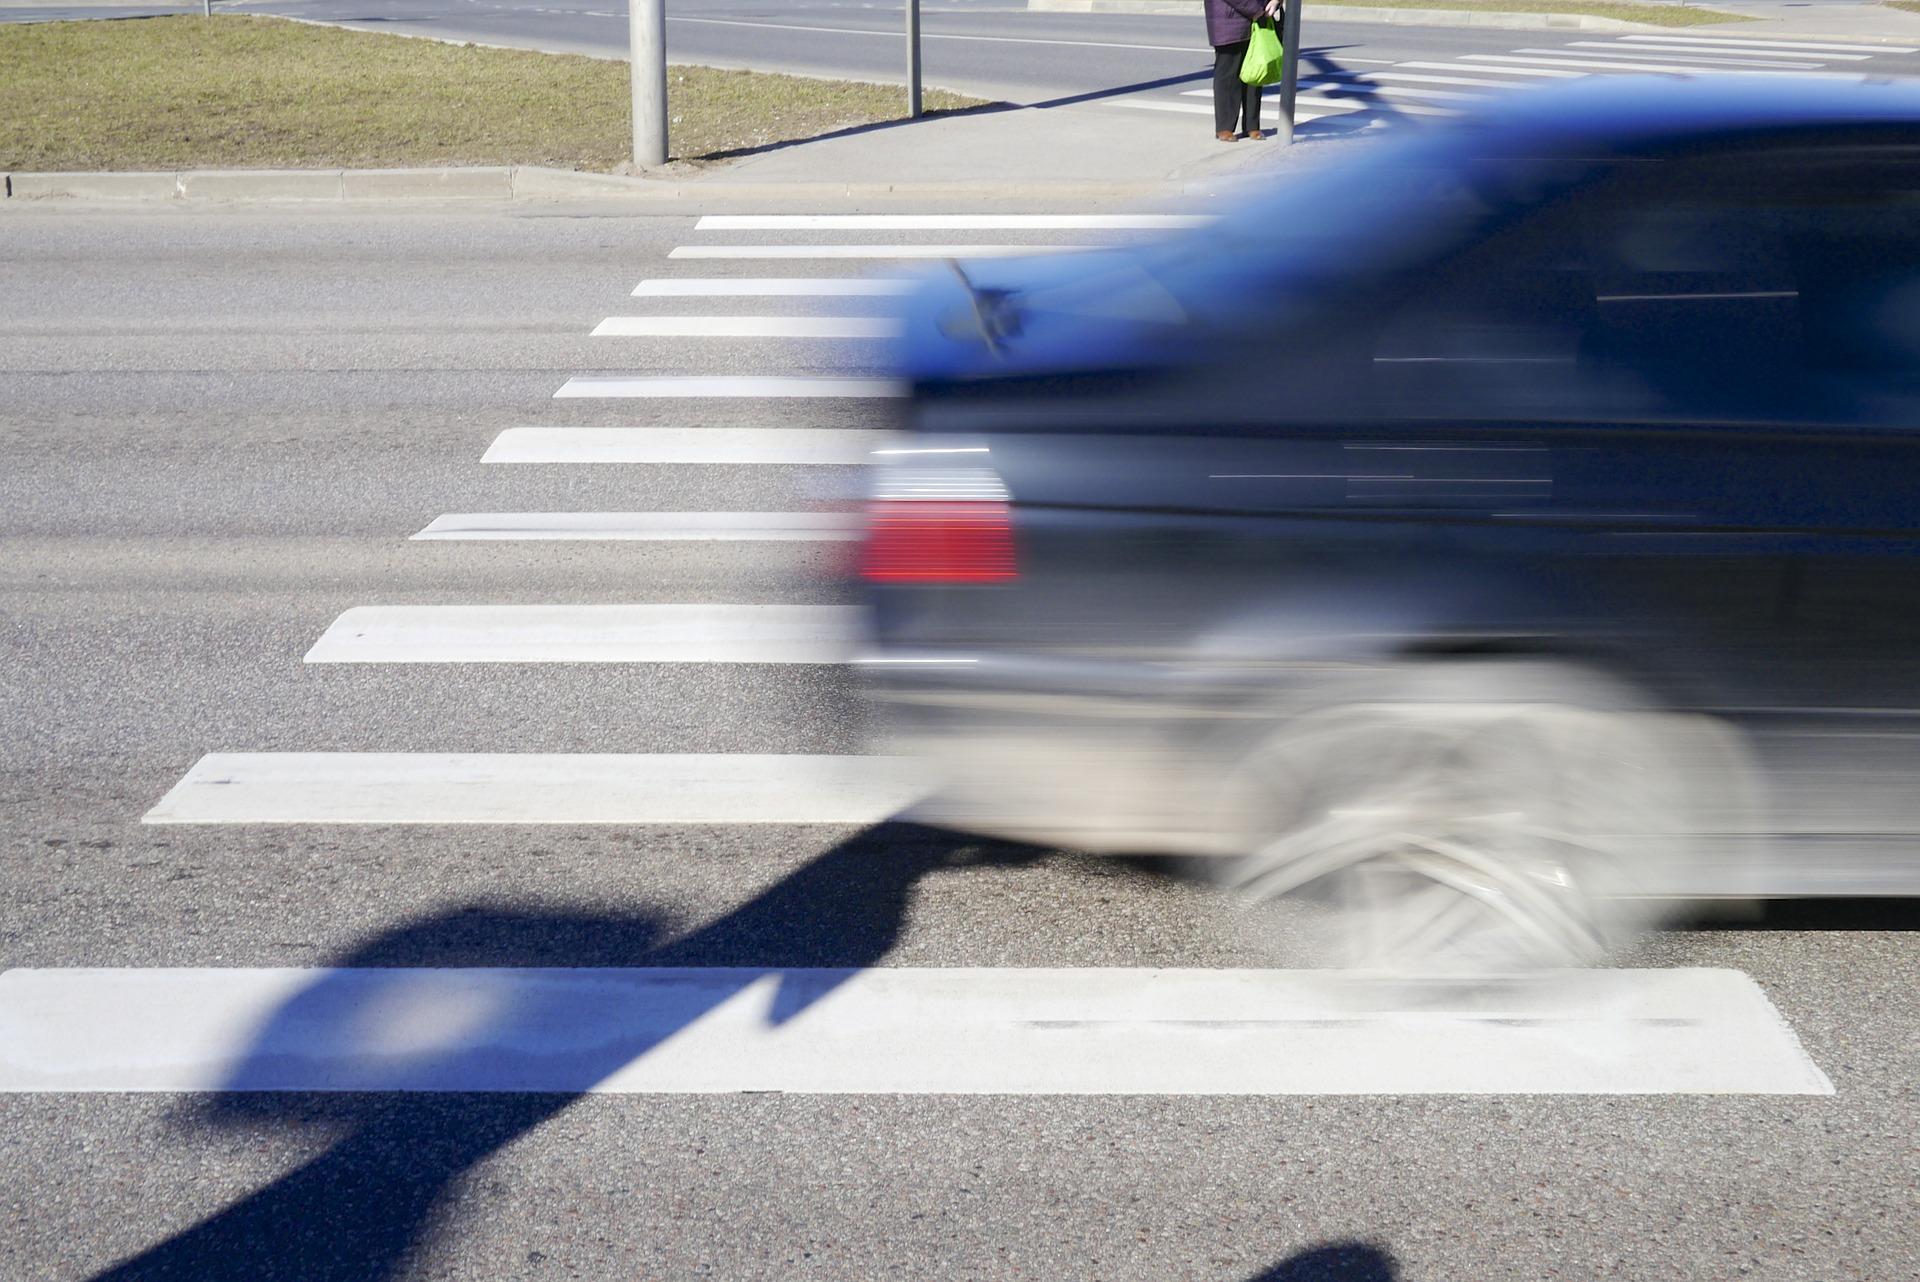 Ważna zmiana na drogach. Uważajcie, bo mogą posypać się mandaty - Zdjęcie główne